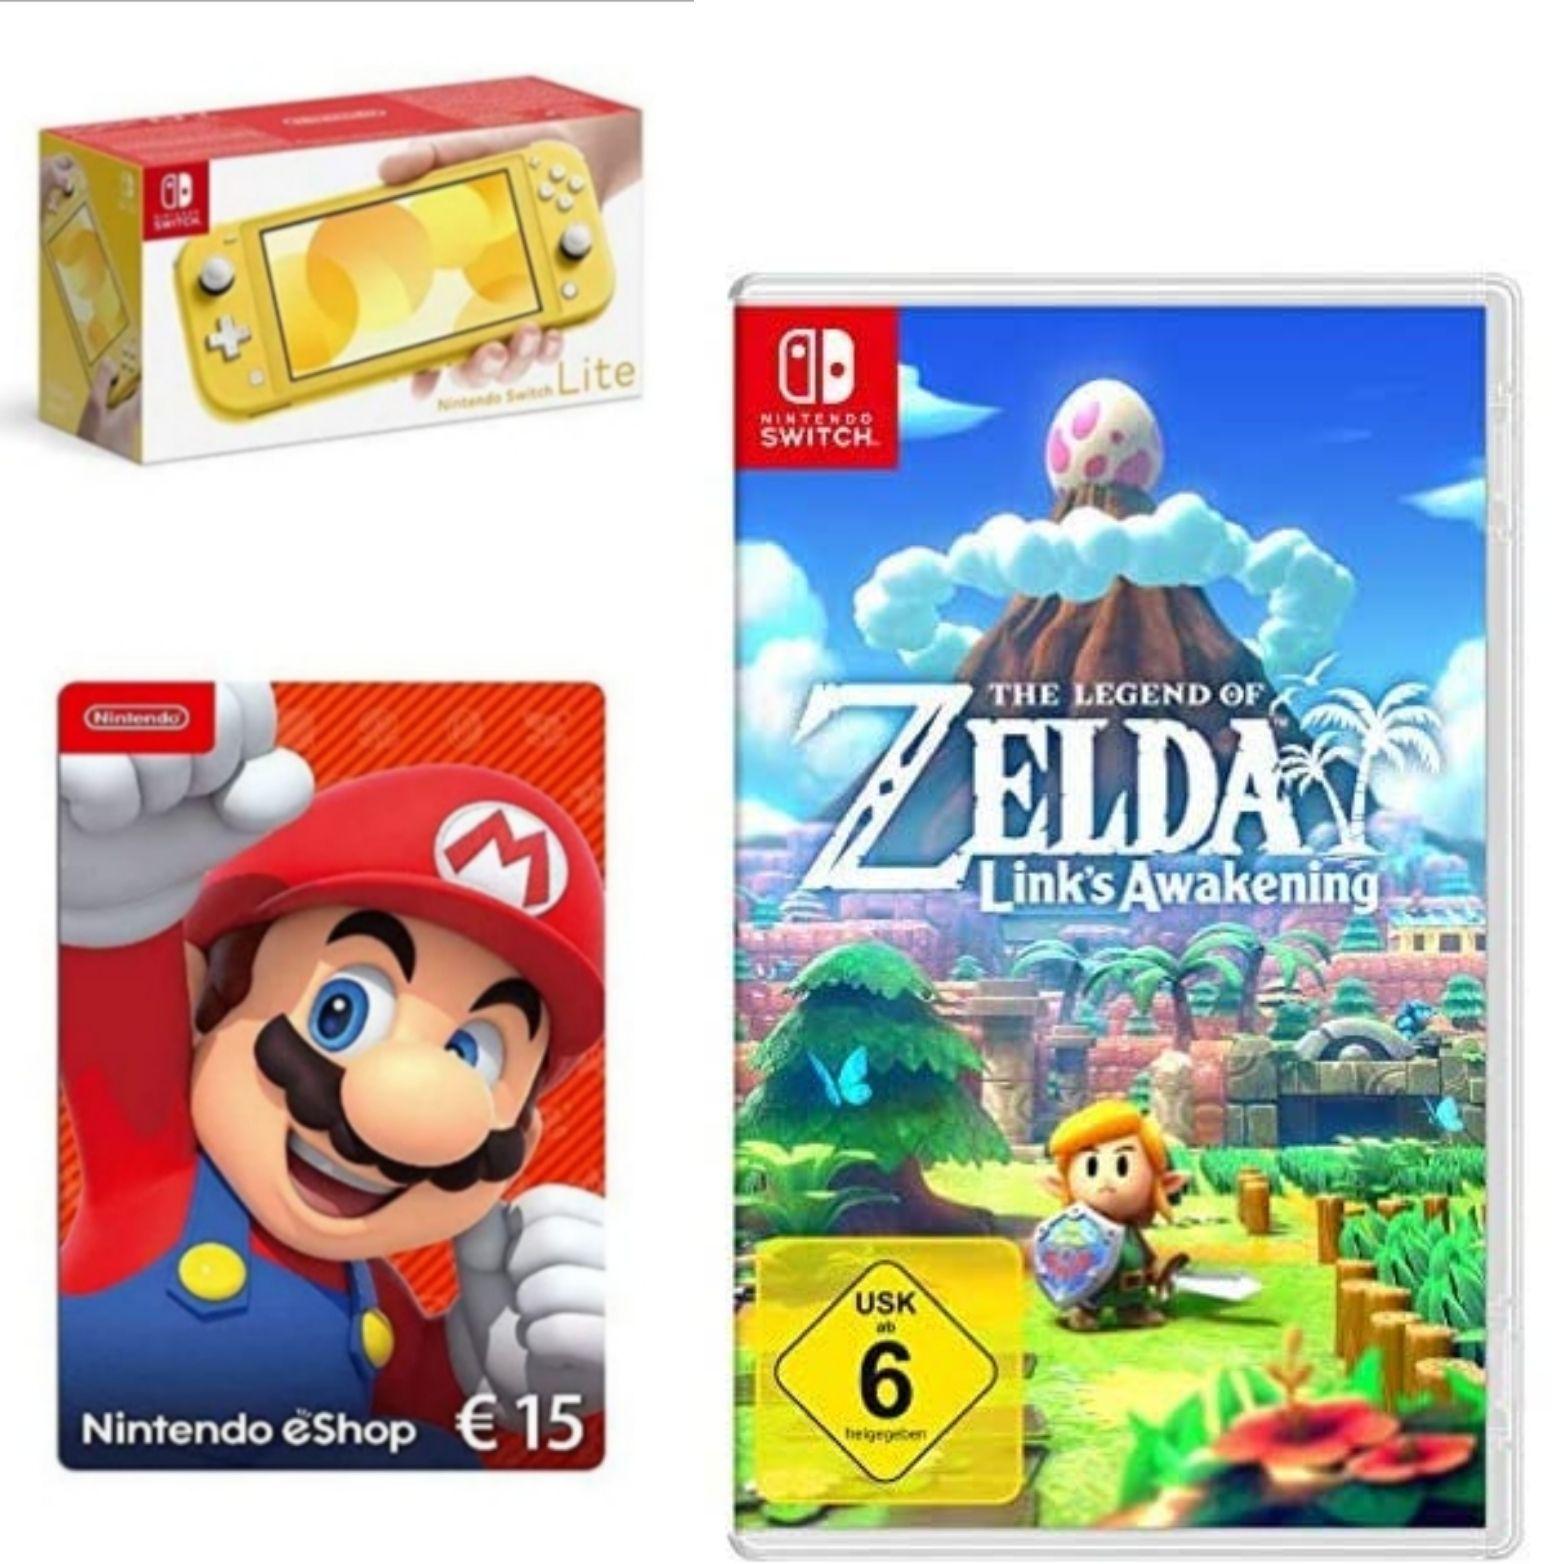 Nintendo Switch Lite, Standard, gelb + The Legend of Zelda: Link's Awakening + Plus 15€ Guthaben